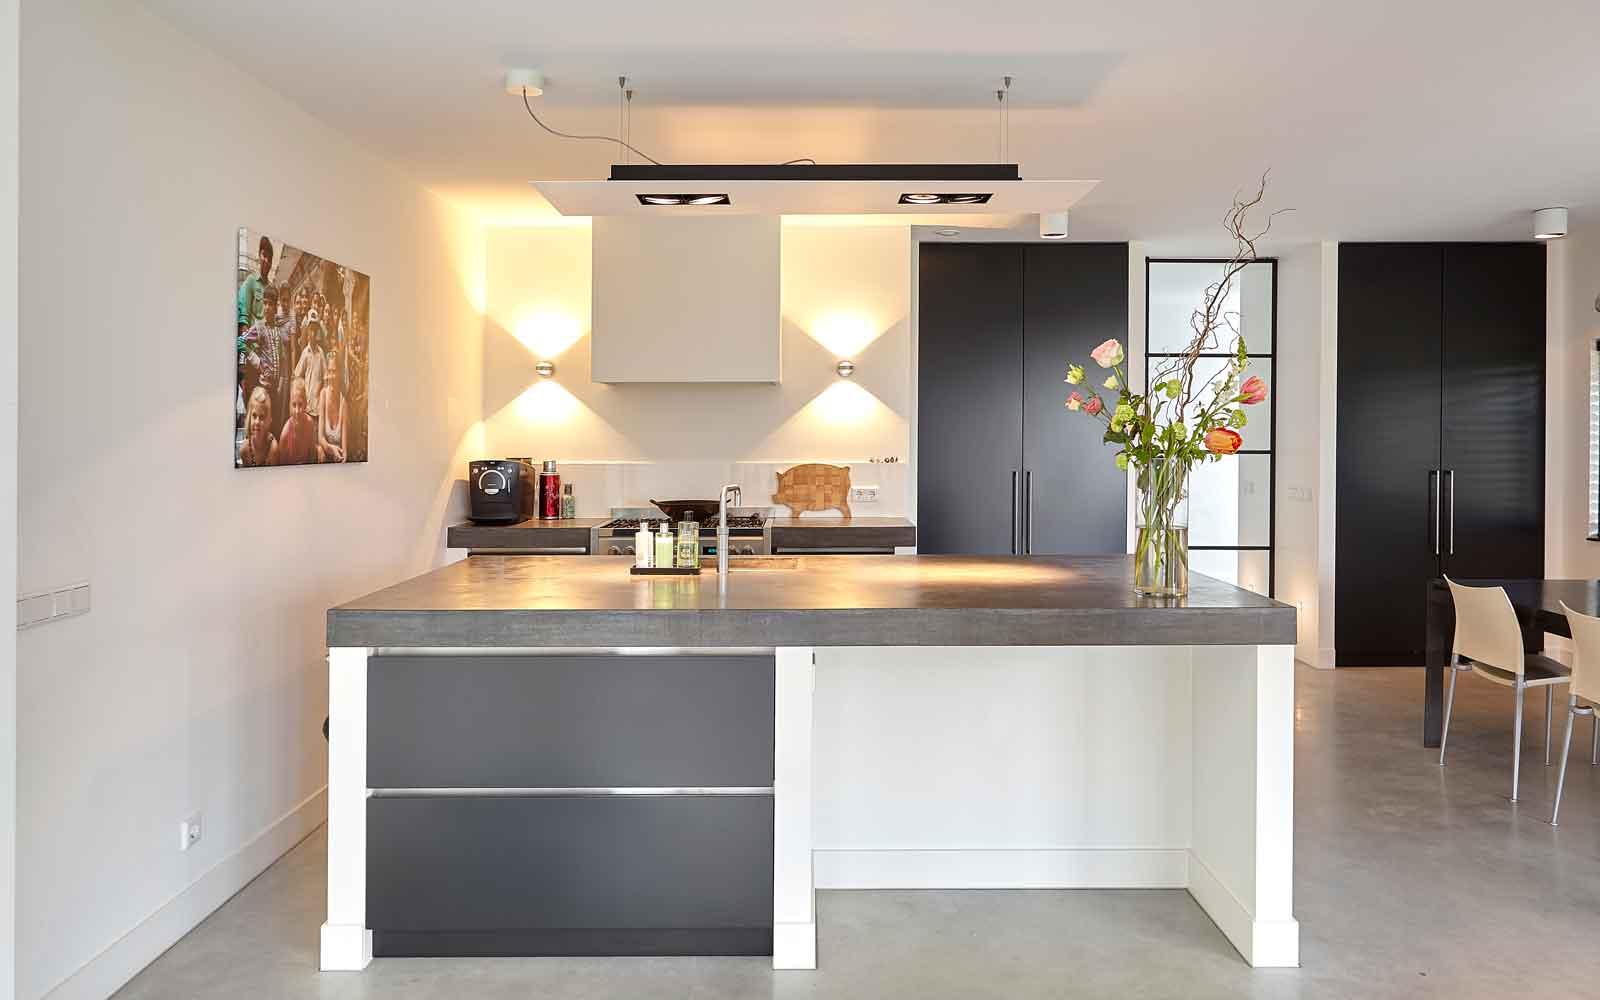 Landelijk koppens architecten the art of living nl for Slaapkamer landelijk modern